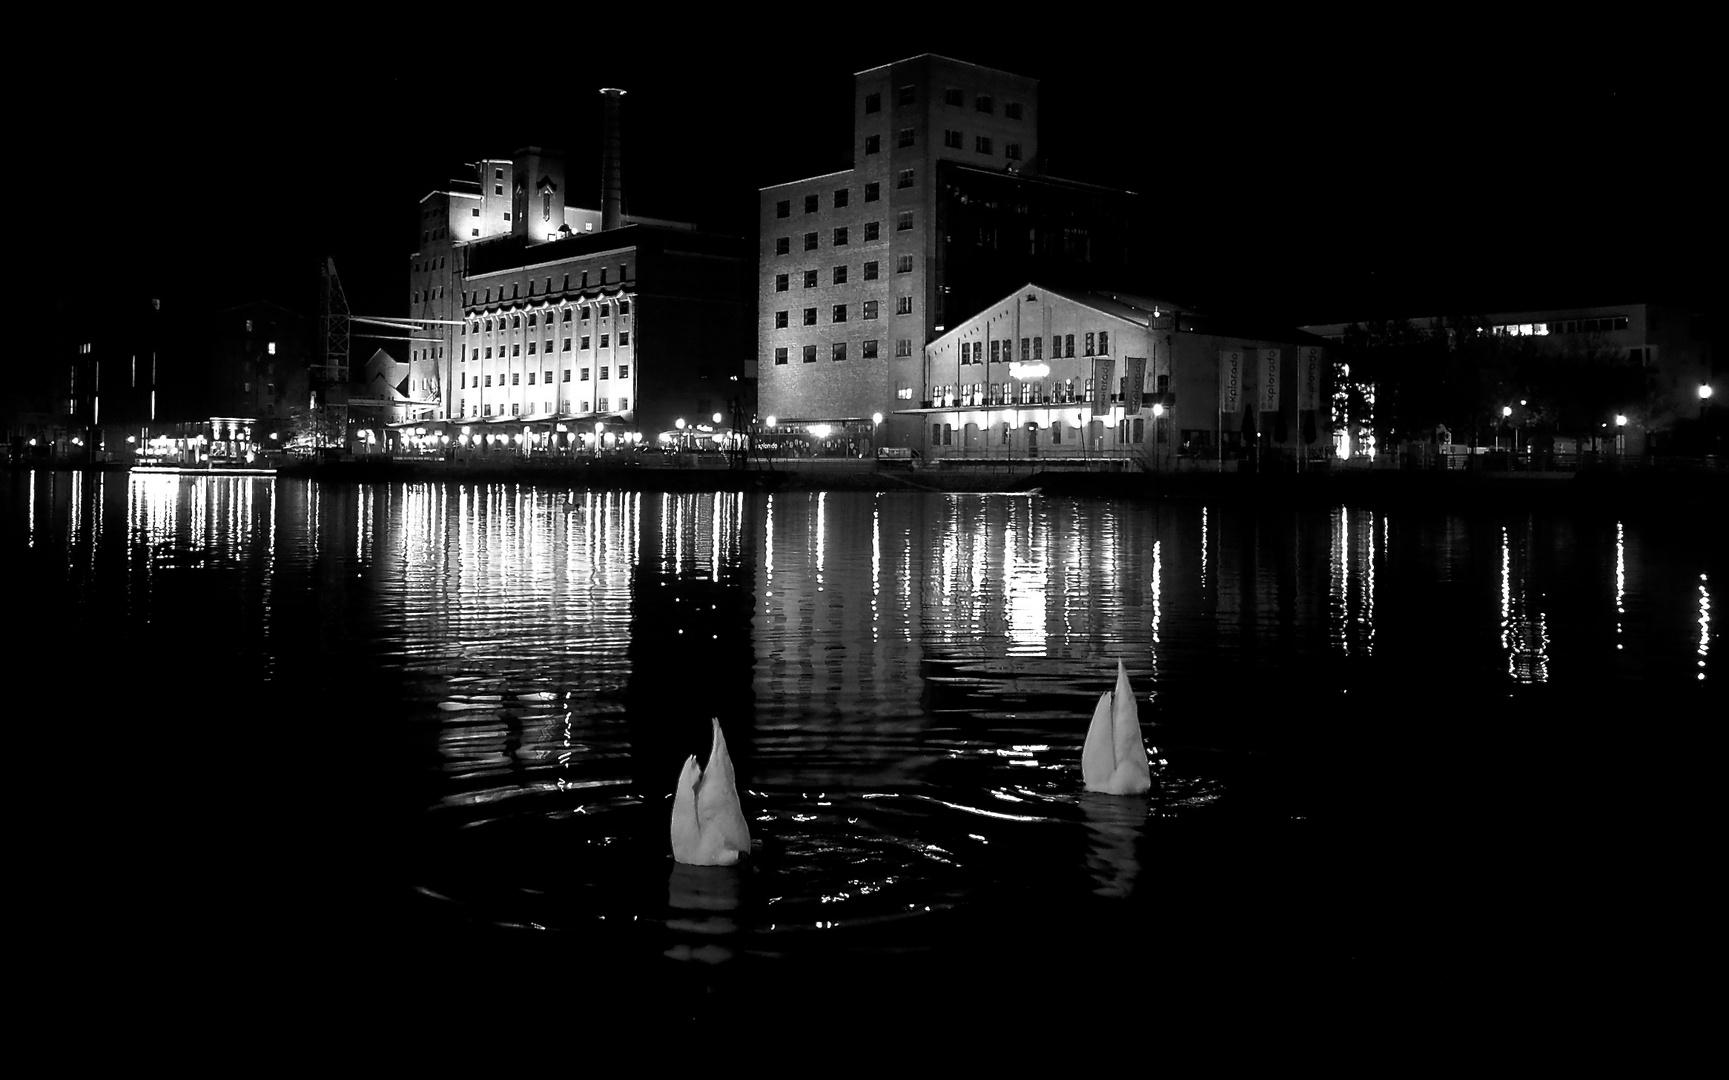 Spät am Hafen #3